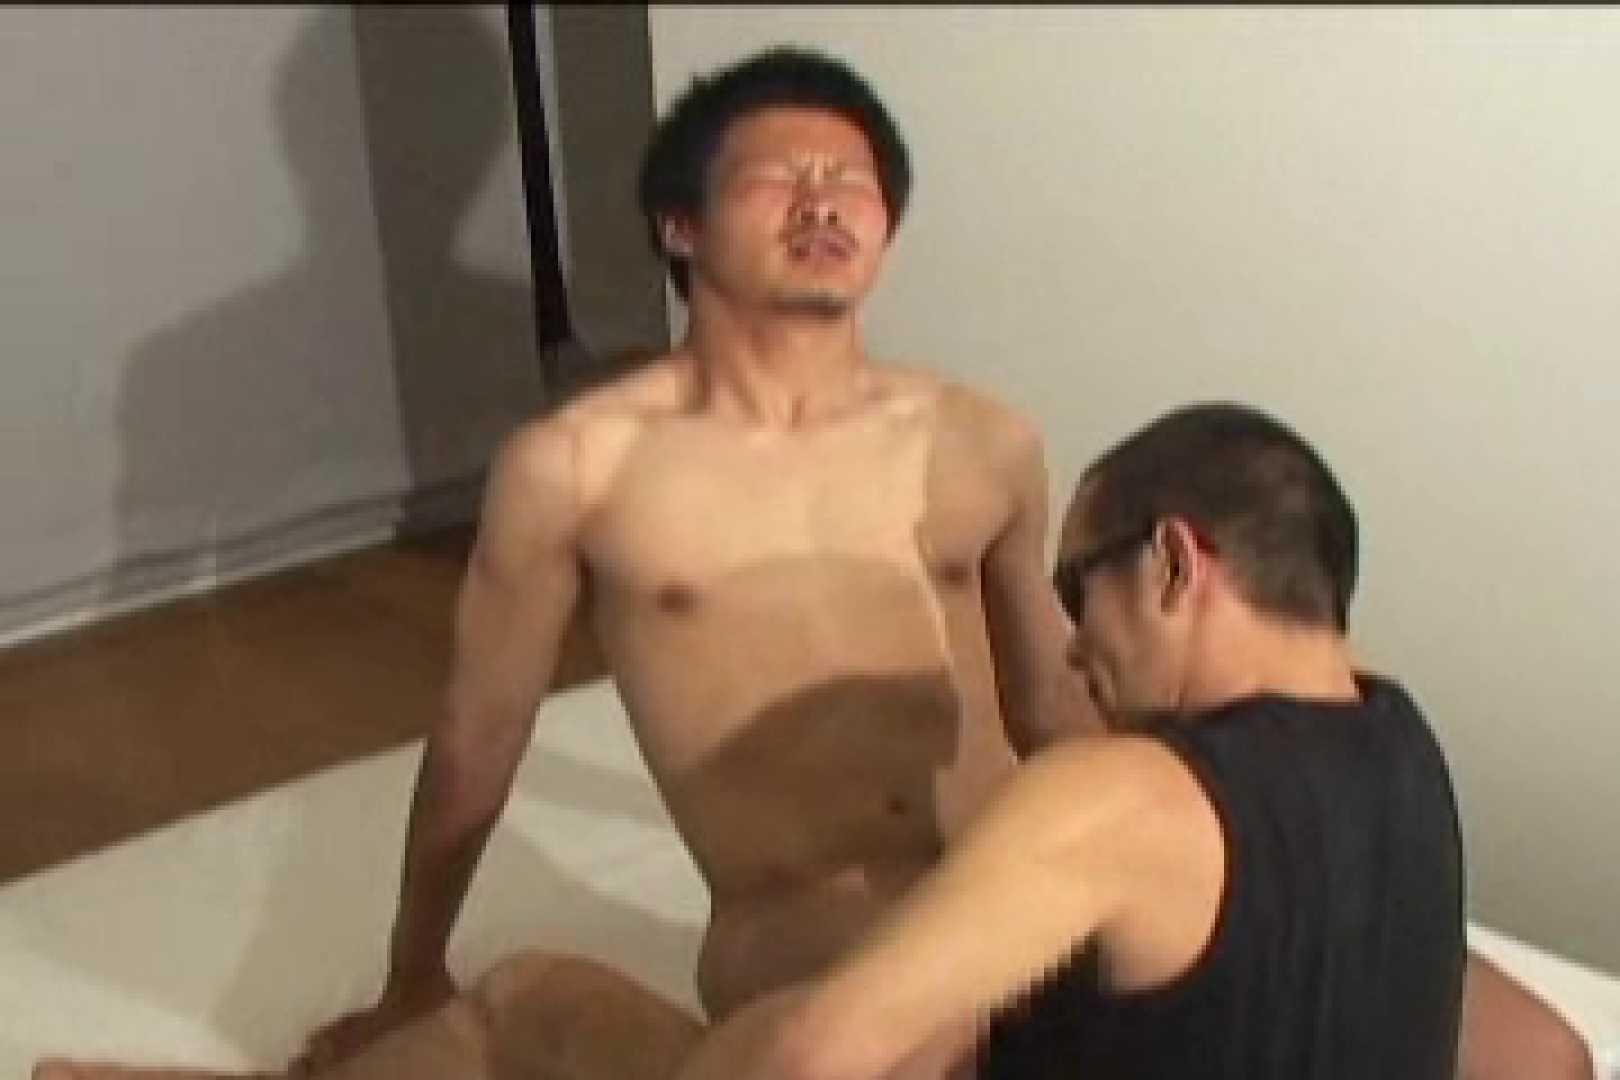 スポMENファック!!反り勃つ男根!!vol.10 キス特集 ゲイヌード画像 101枚 99